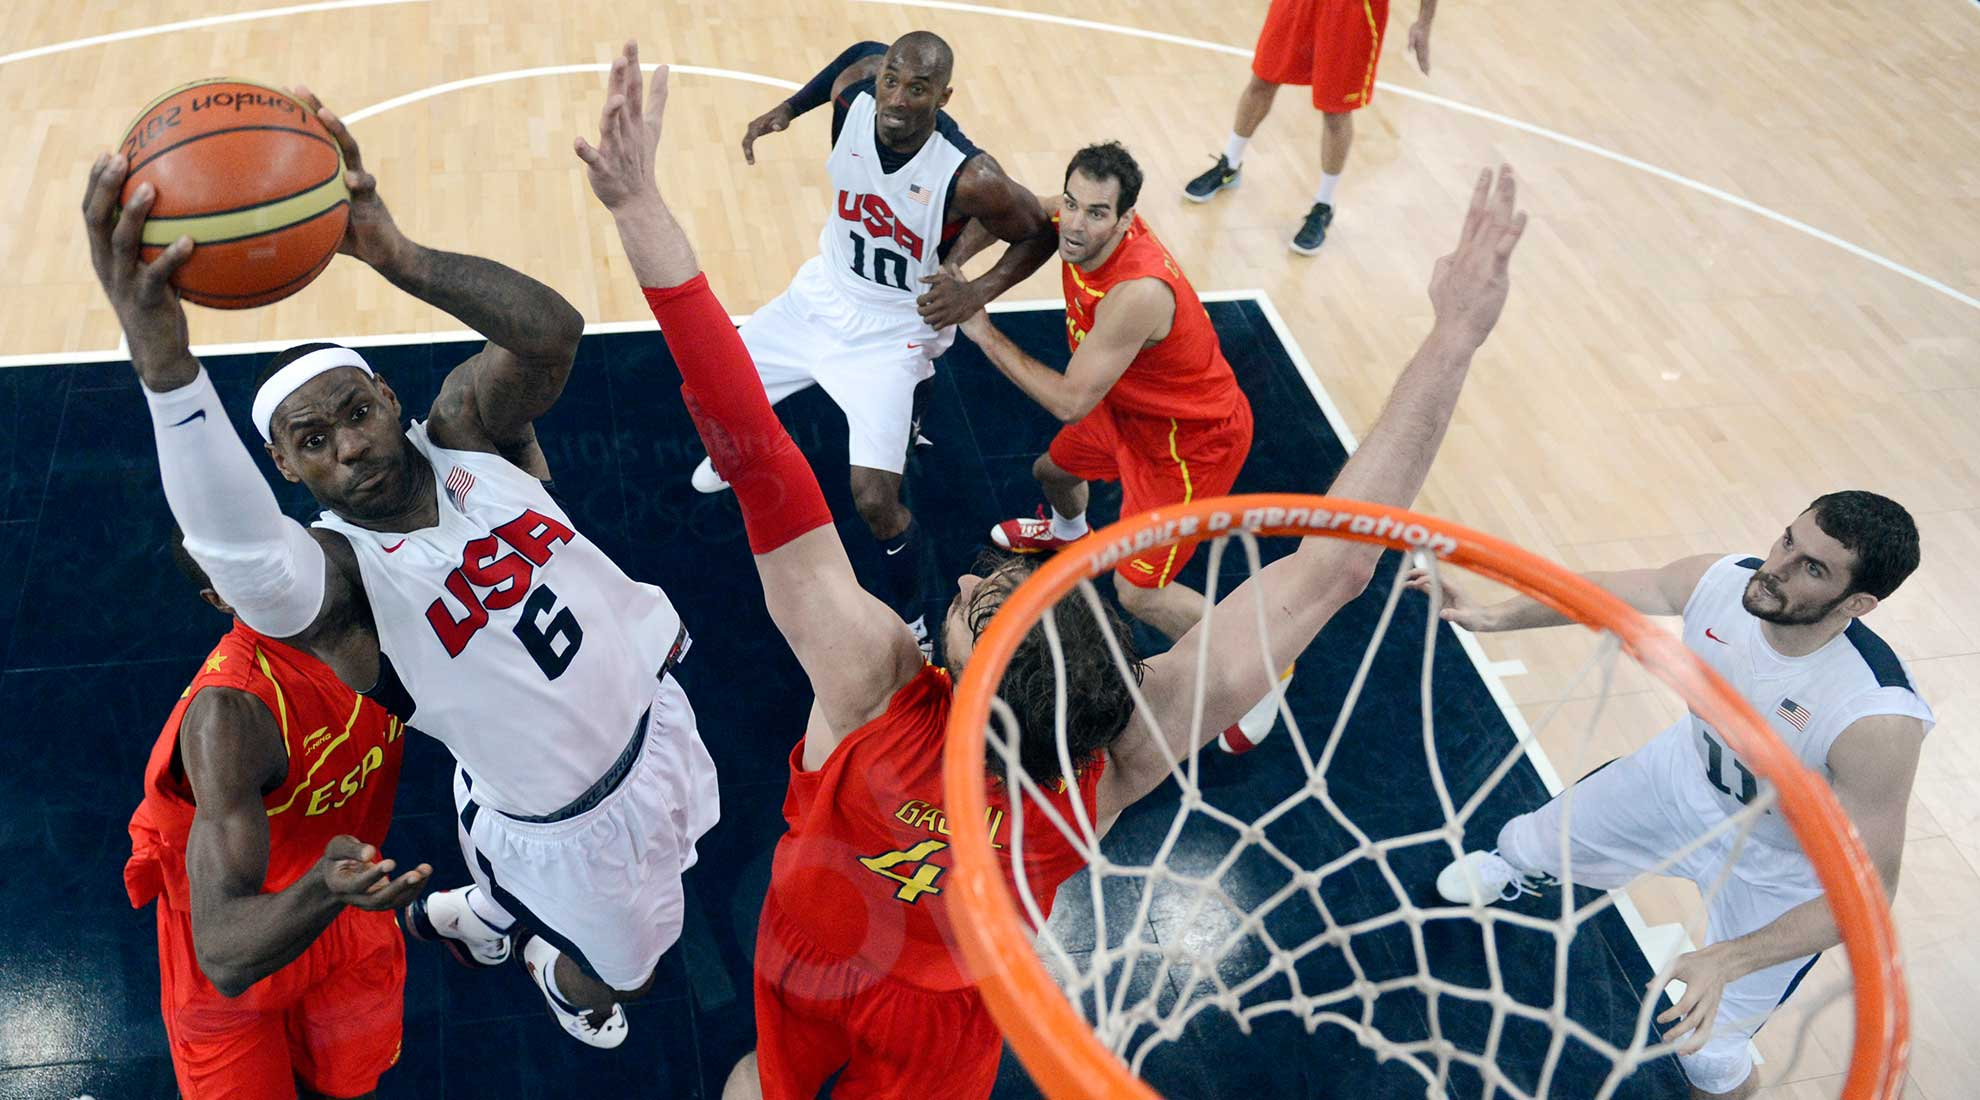 El basketball masculino de los Juegos Olímpicos será uno de los deportes disponibles en VR.